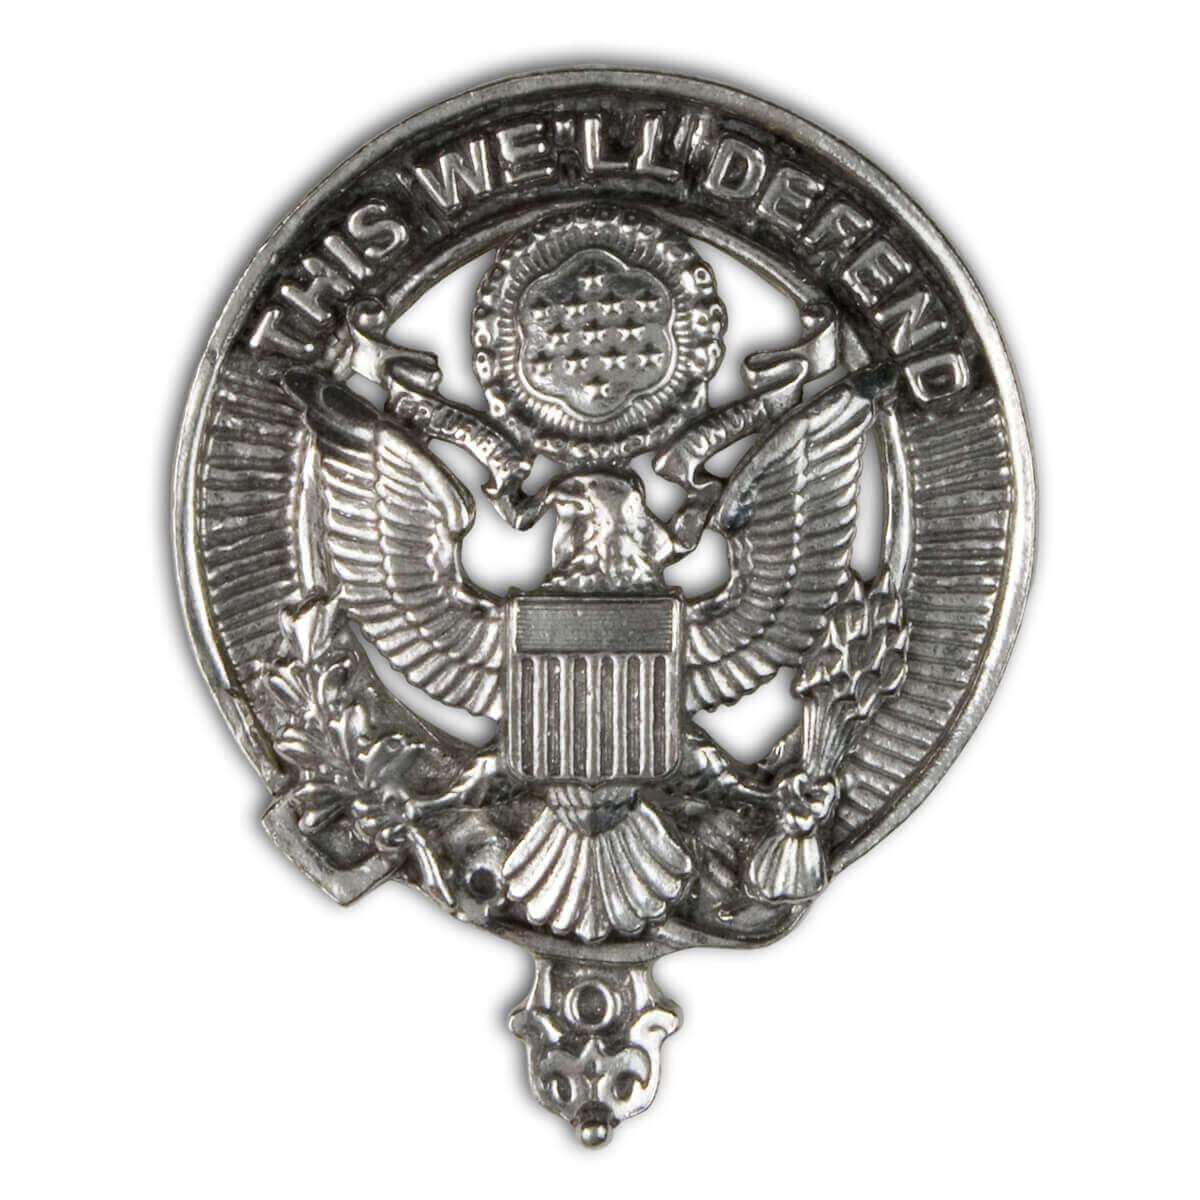 U.S. Army Sterling Silver Cap Badge/Brooch